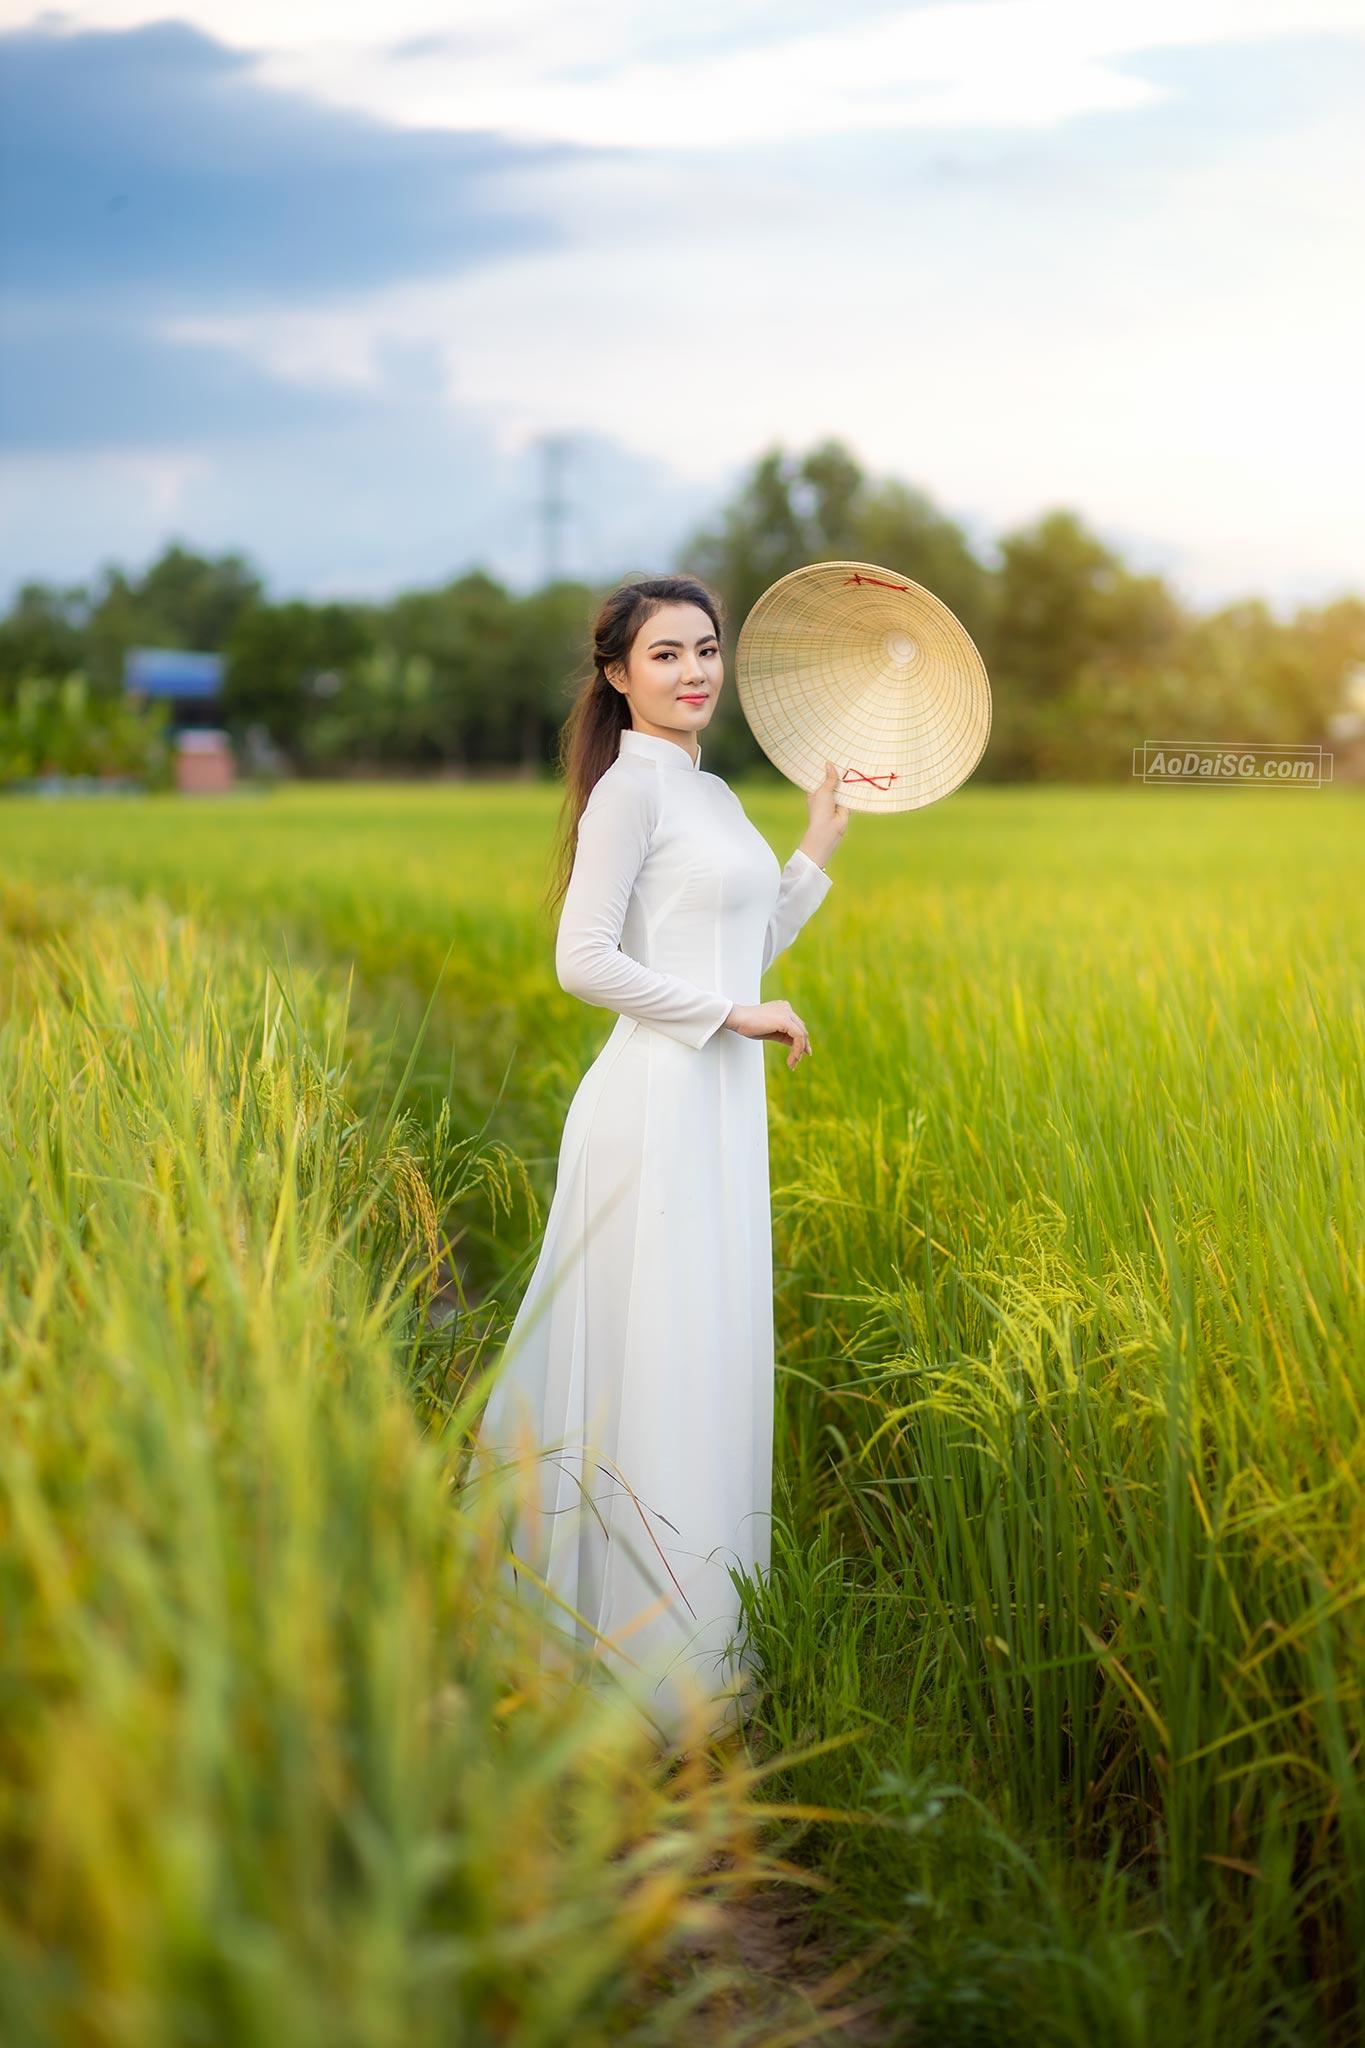 Chup Anh Ao Dai voi lua